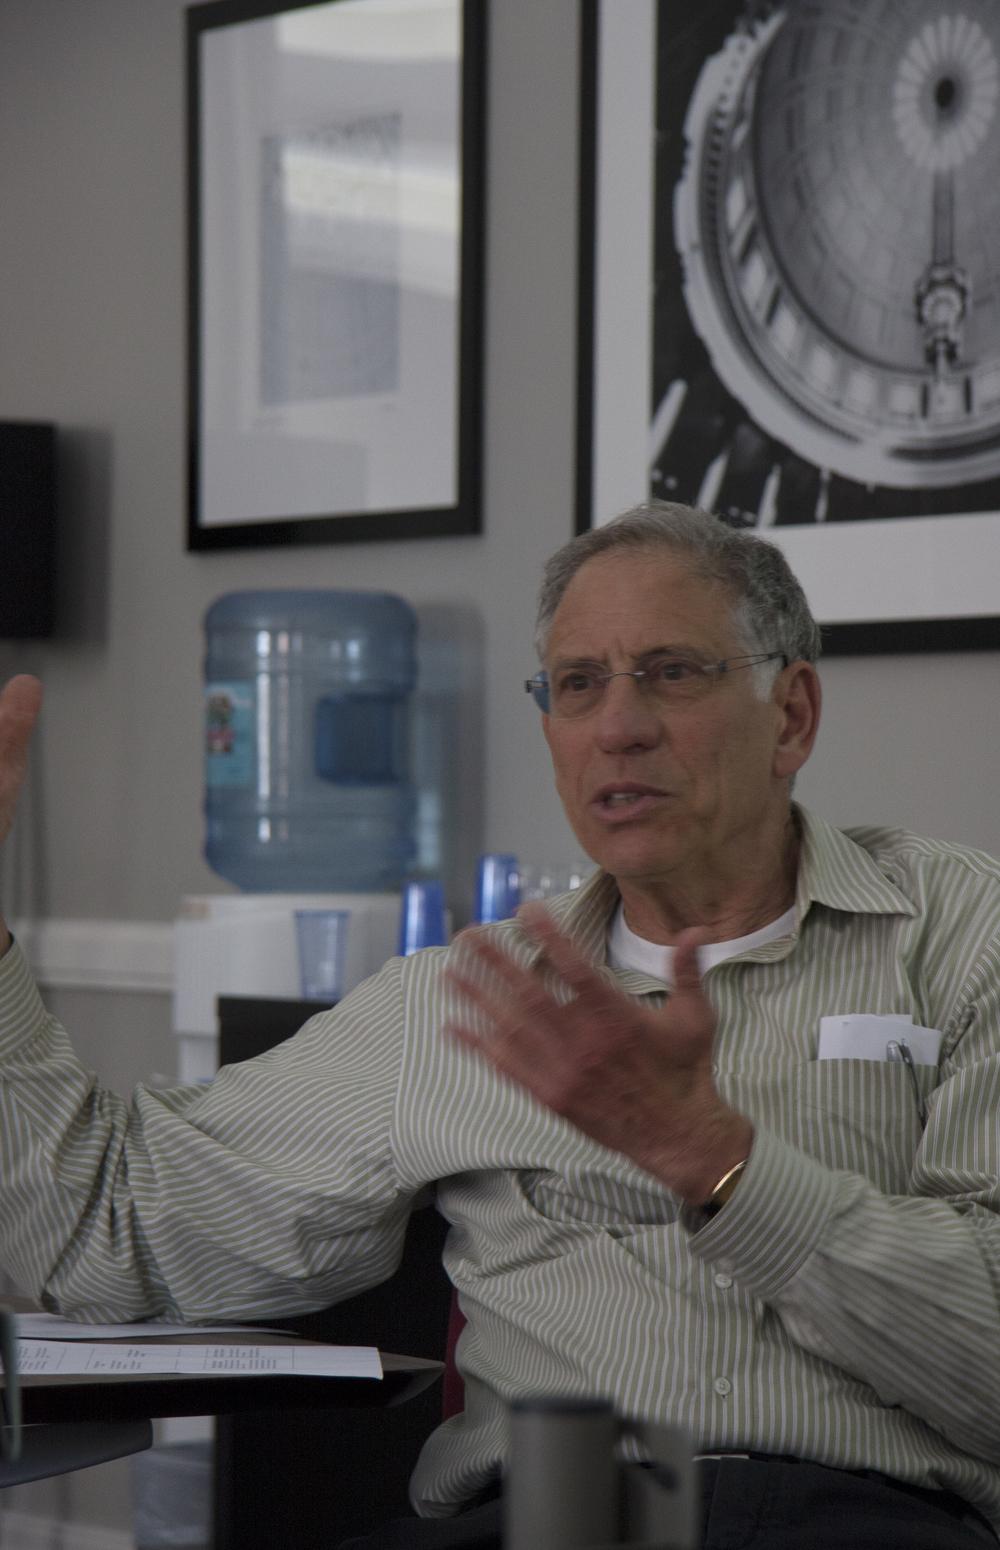 Michael Bratman